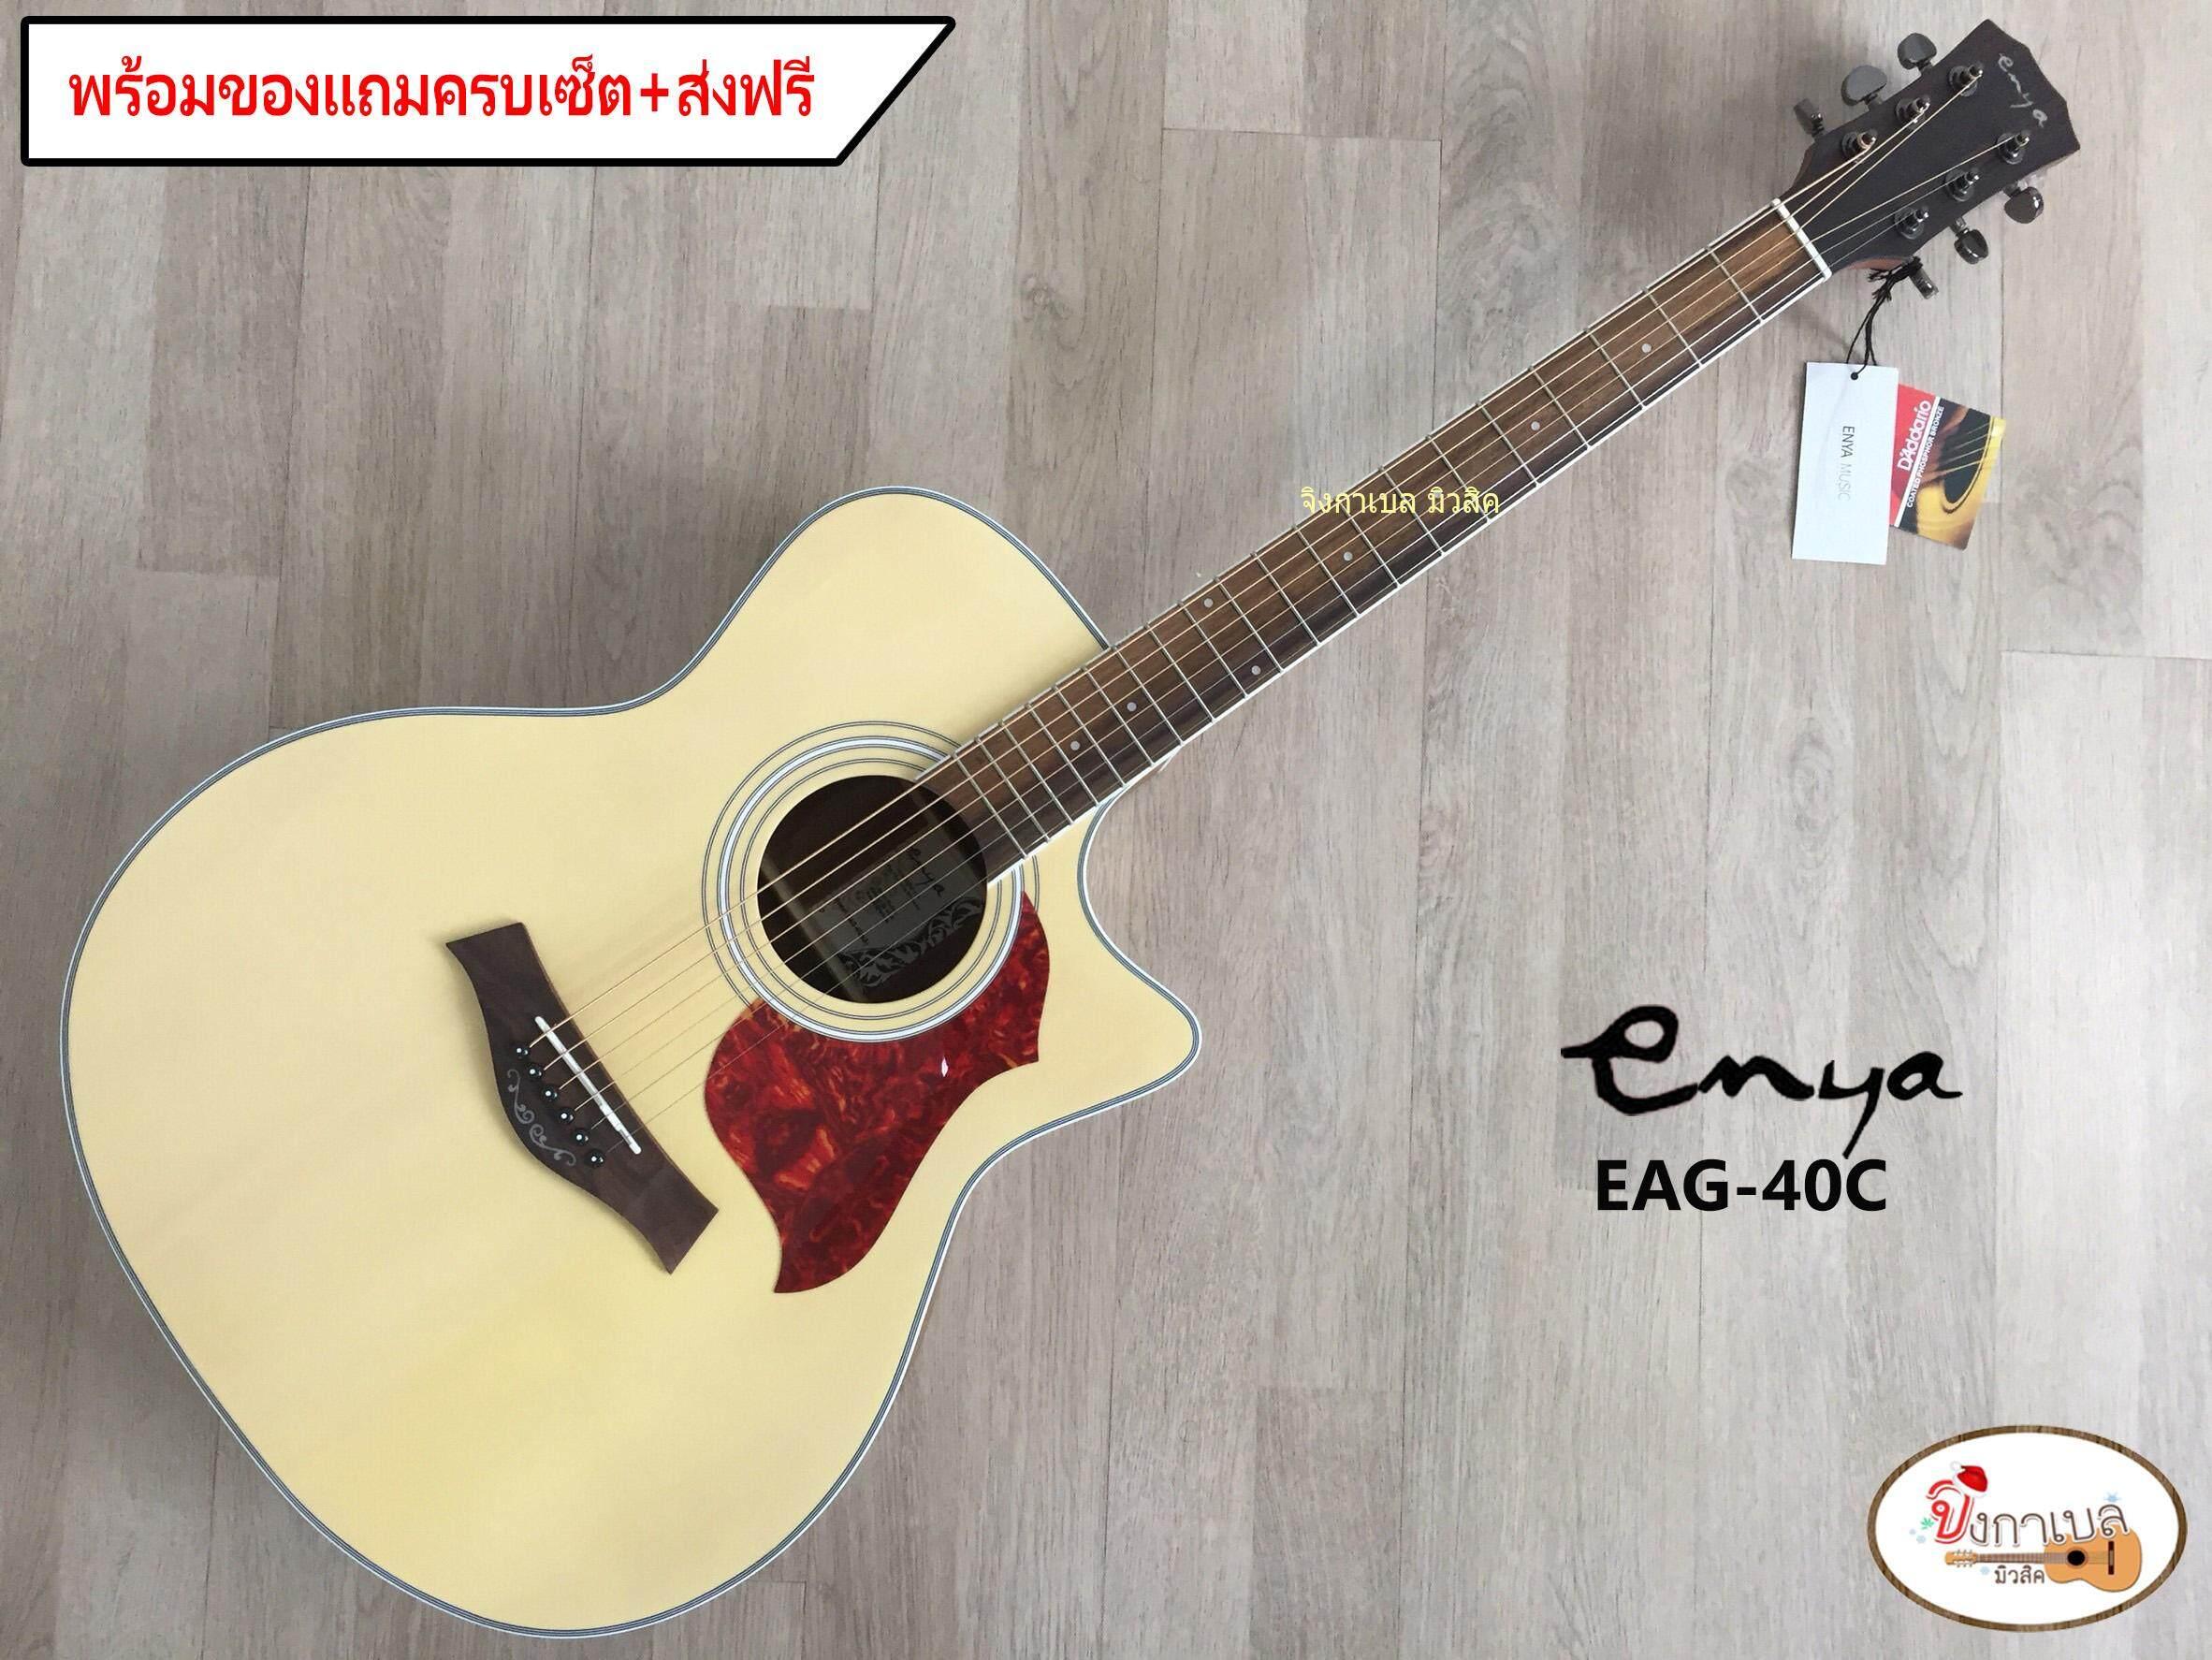 Enya กีต้าร์โปร่งไฟฟ้า รุ่น Eag-40ce สีไม้+พร้อมของแถม ครบเซ็ต.